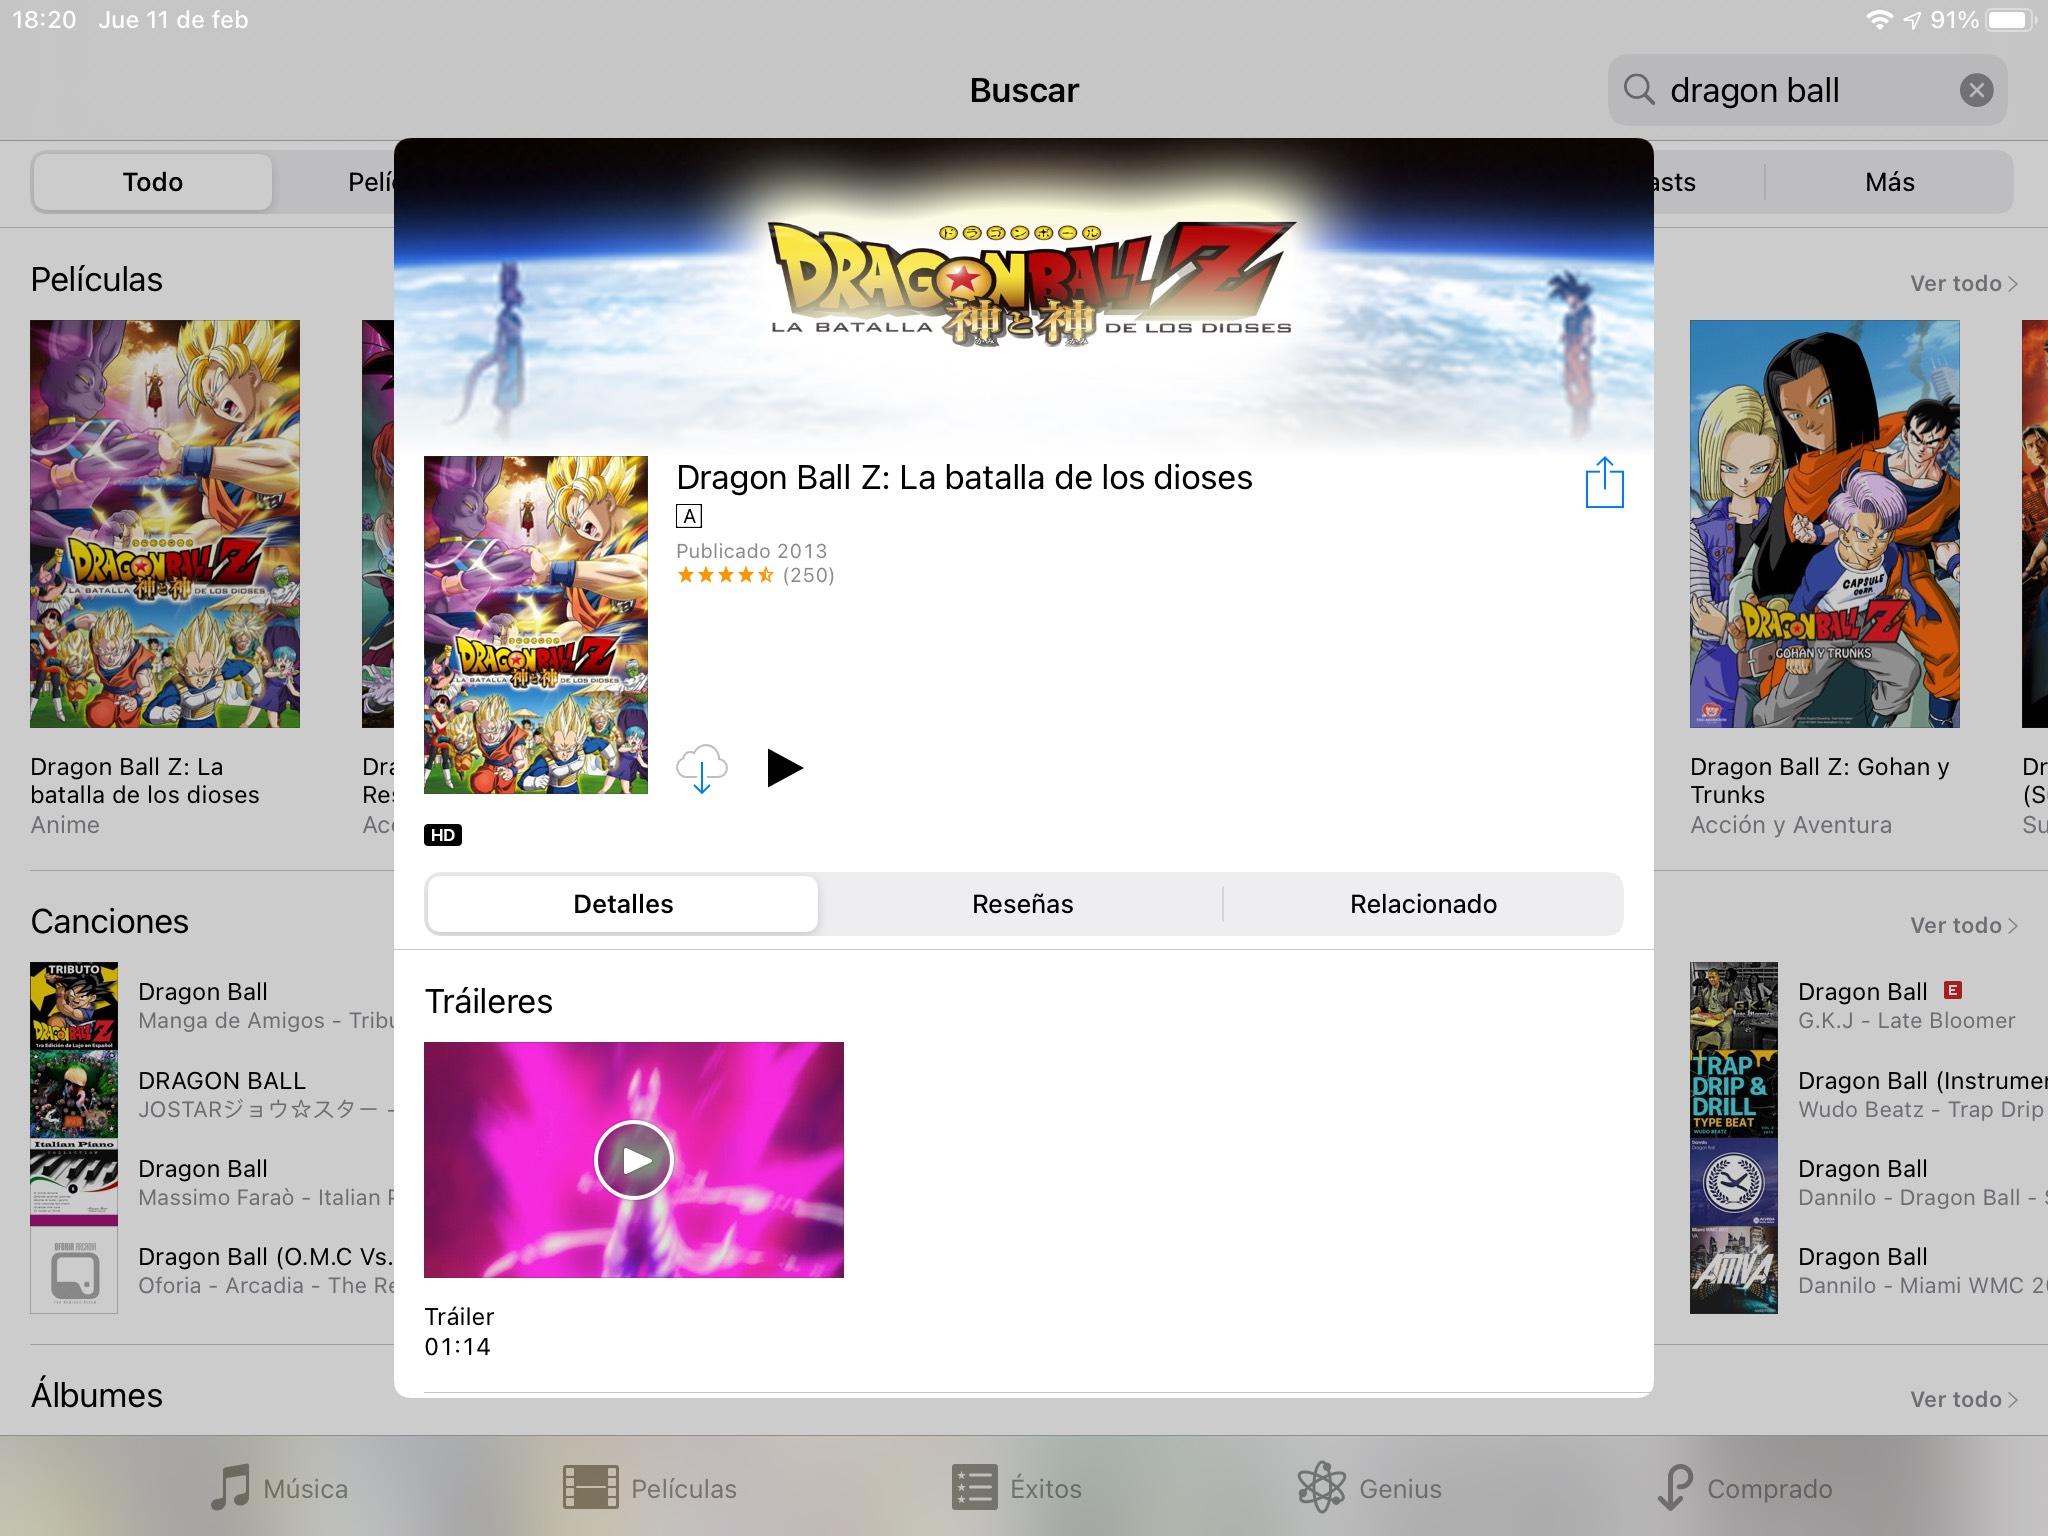 iTunes: Dragon Ball Z: La batalla de los dioses